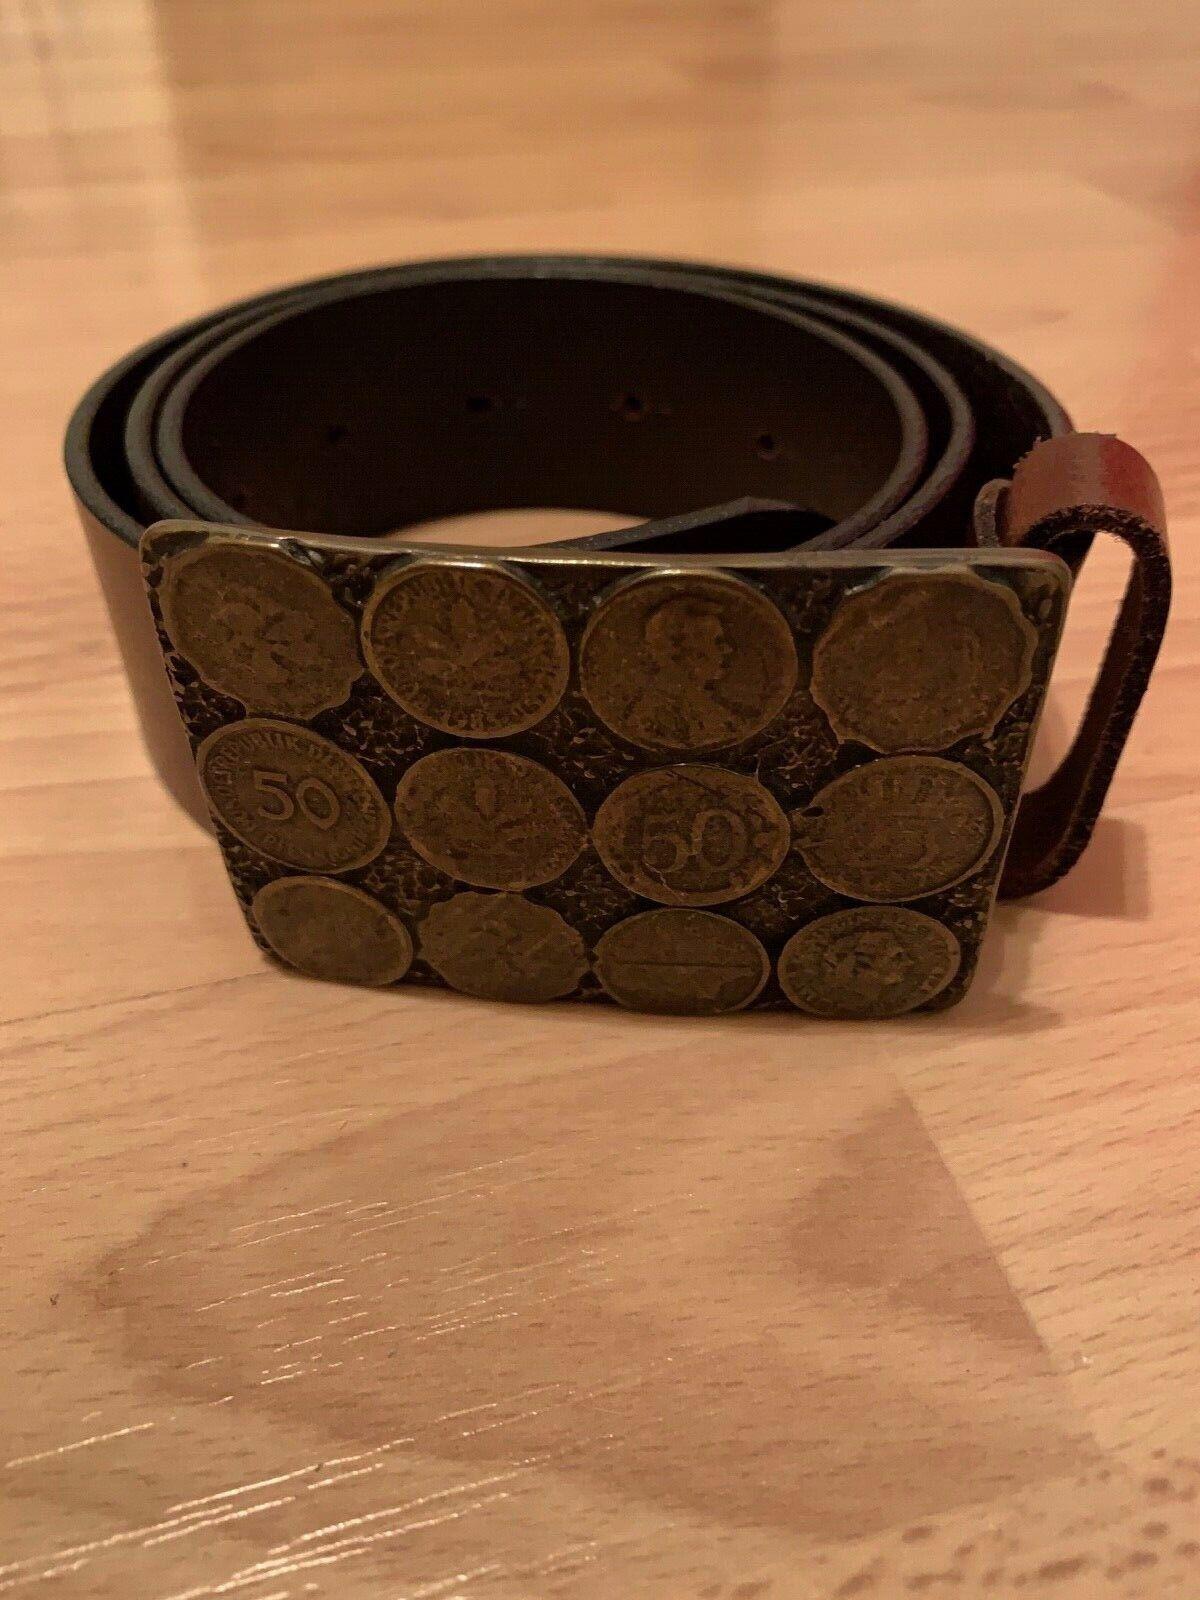 Gürtel Herren, Echt Leder, braun, mit Pfennig Münzen, Größe 80